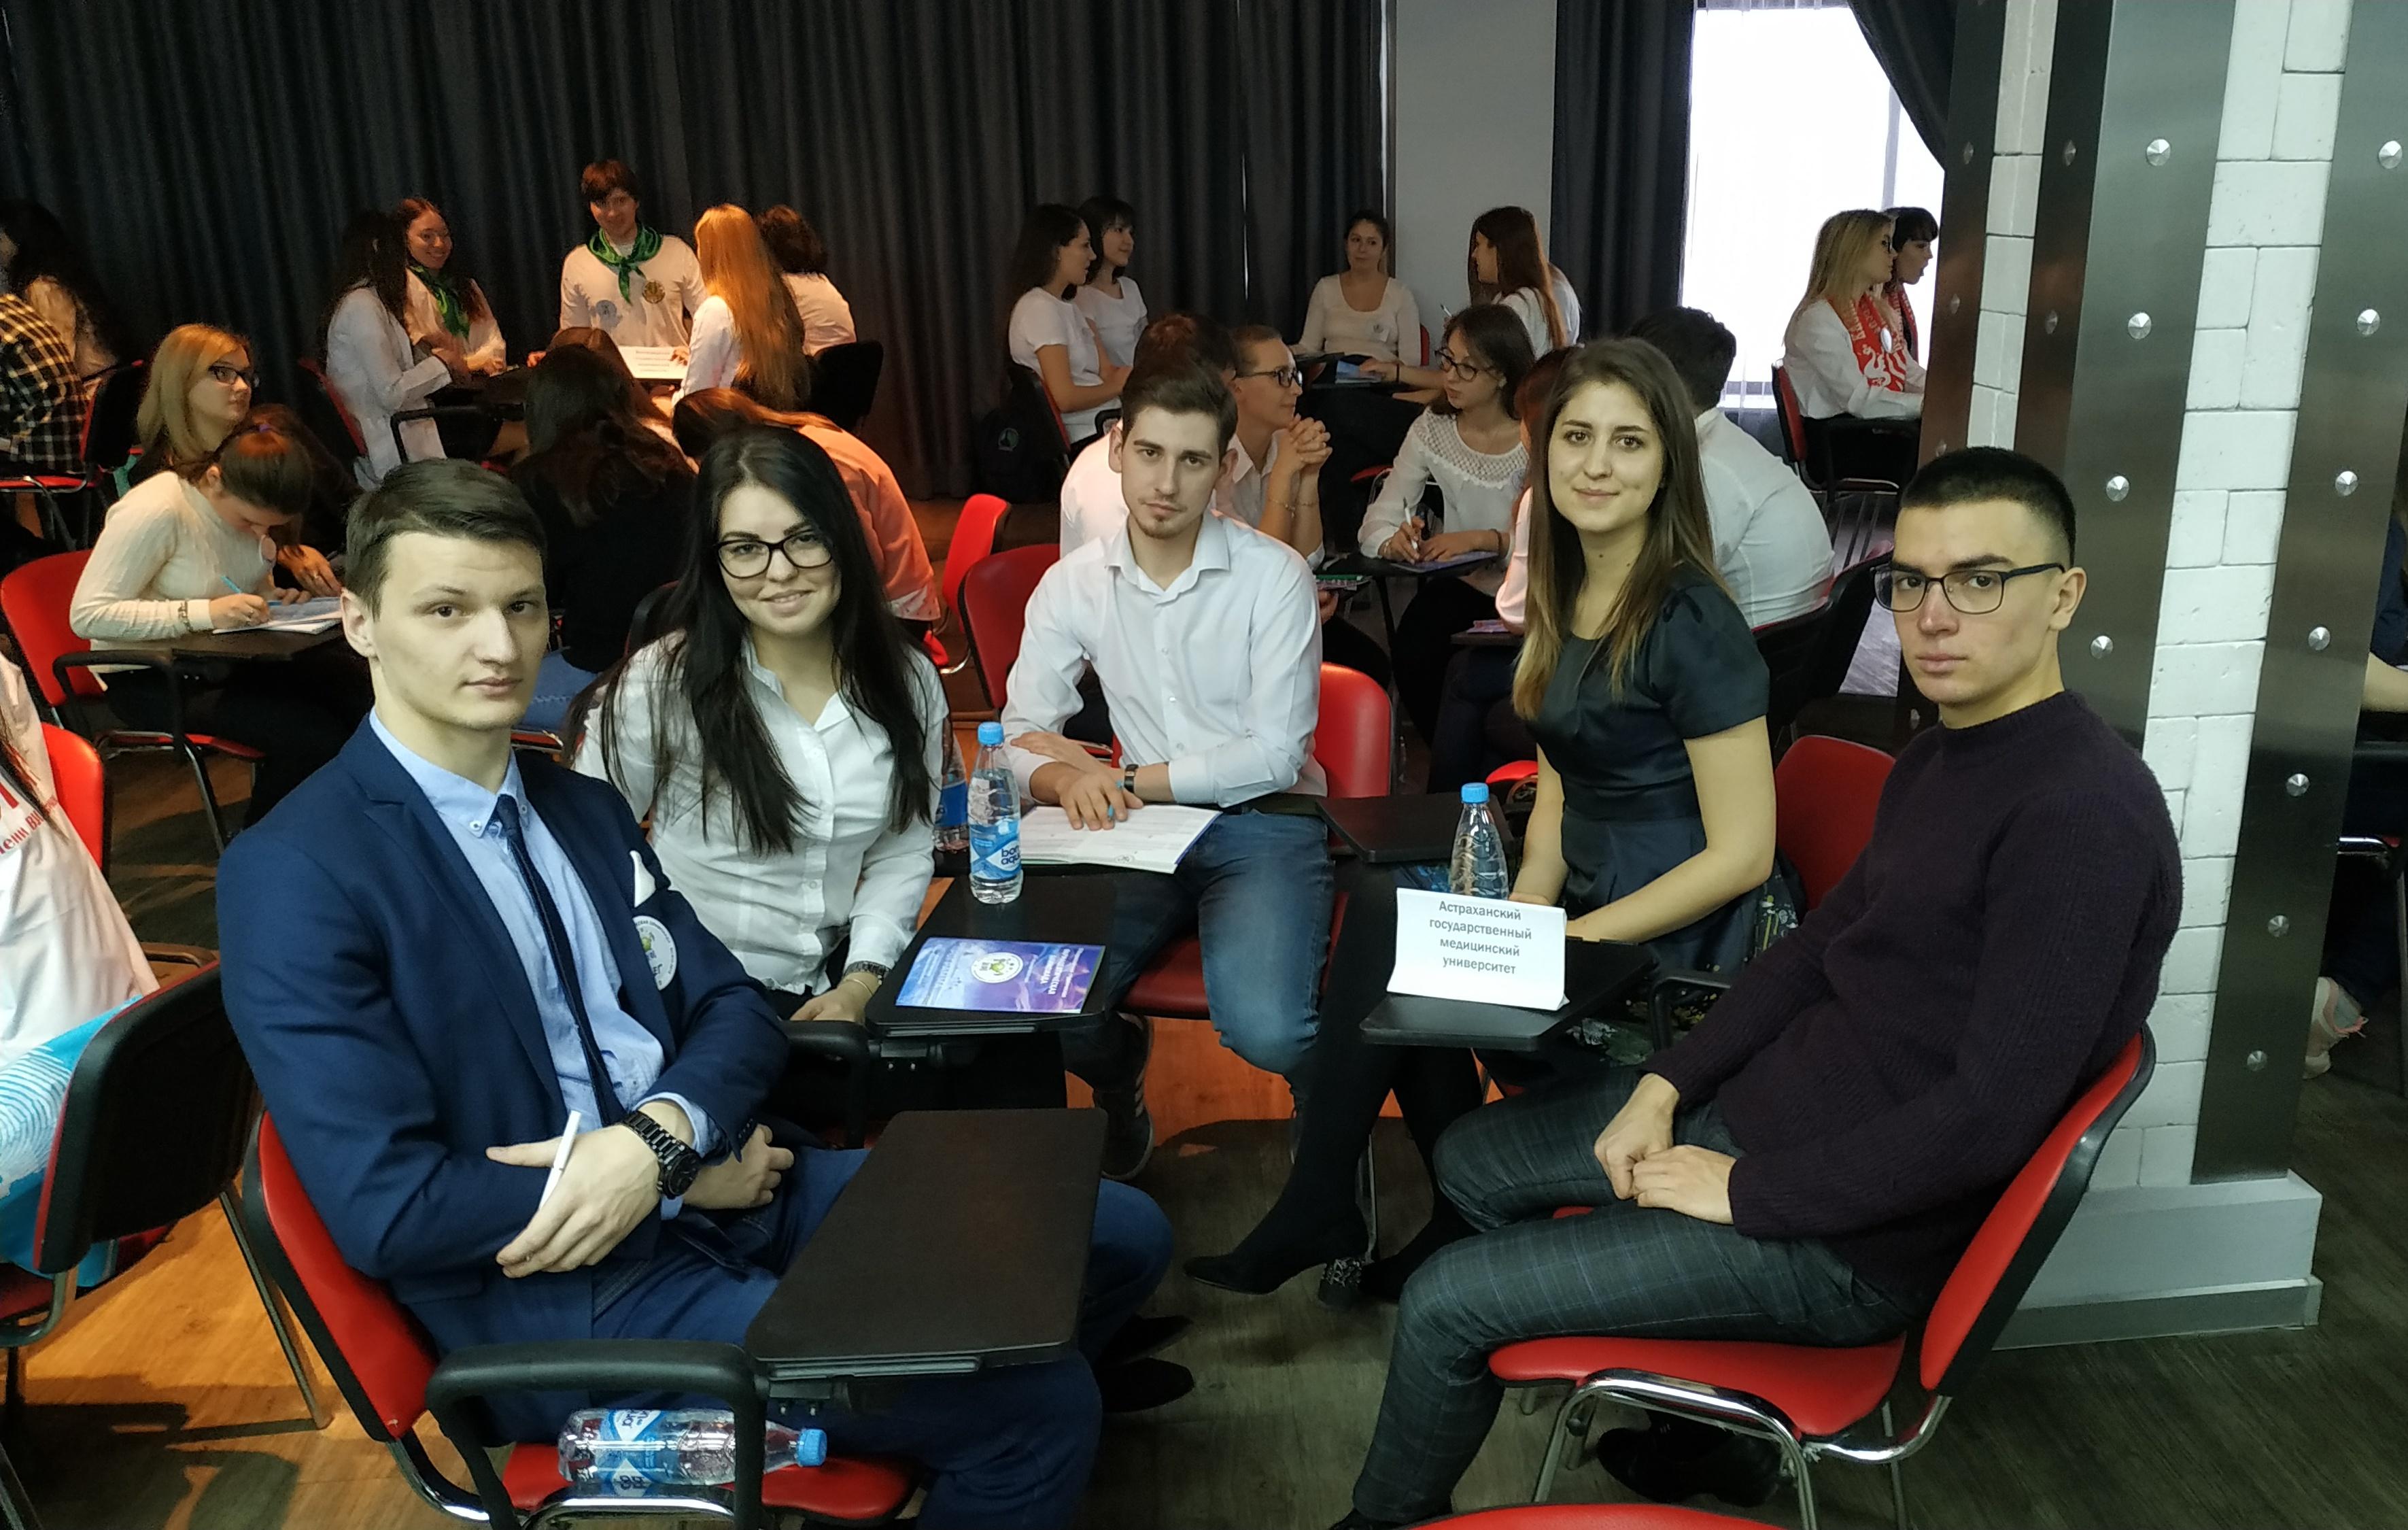 VI Всероссийская студенческая фармацевтическая олимпиада